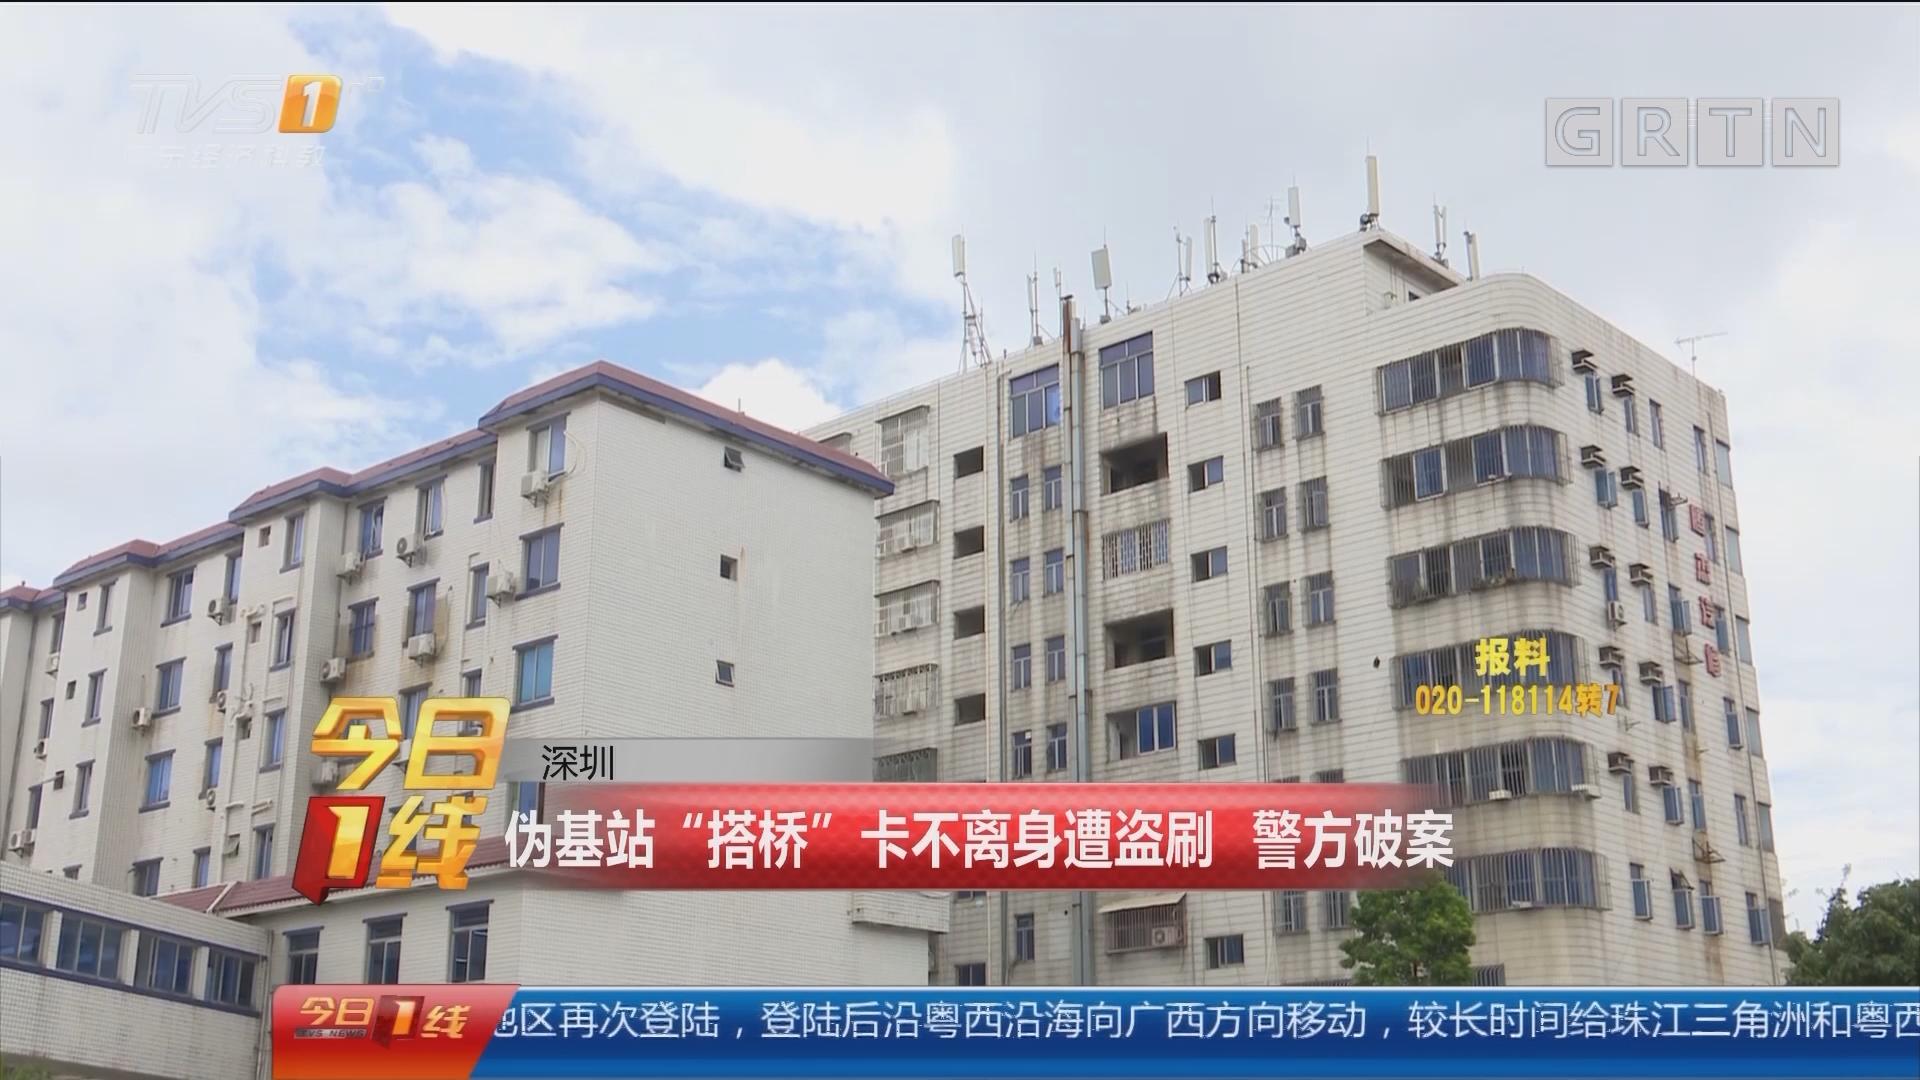 """深圳:伪基站""""搭桥"""" 卡不离身遭盗刷 警方破案"""